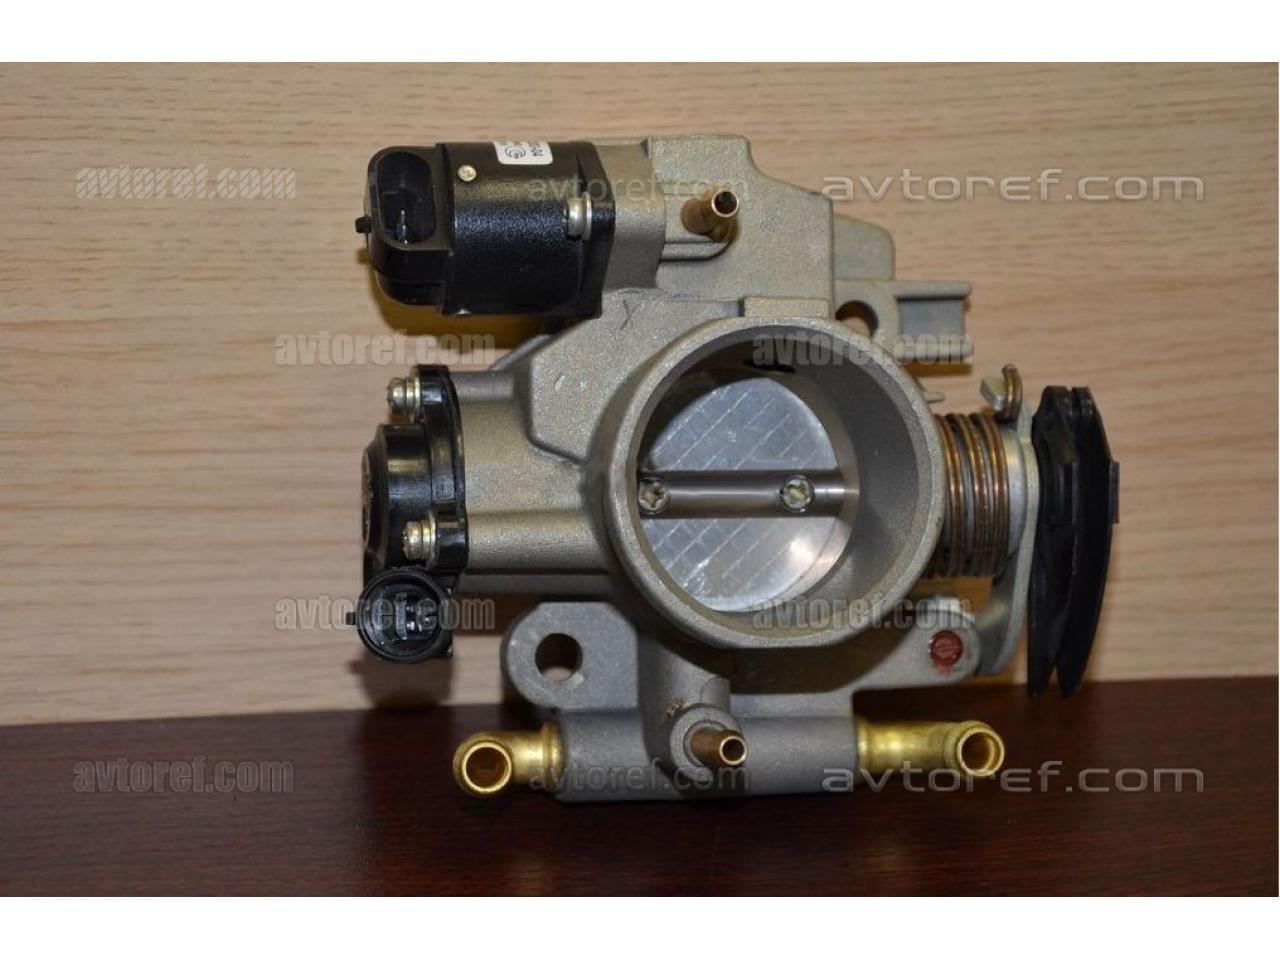 Фото №16 - дроссельная заслонка на ВАЗ 2110 16 клапанов